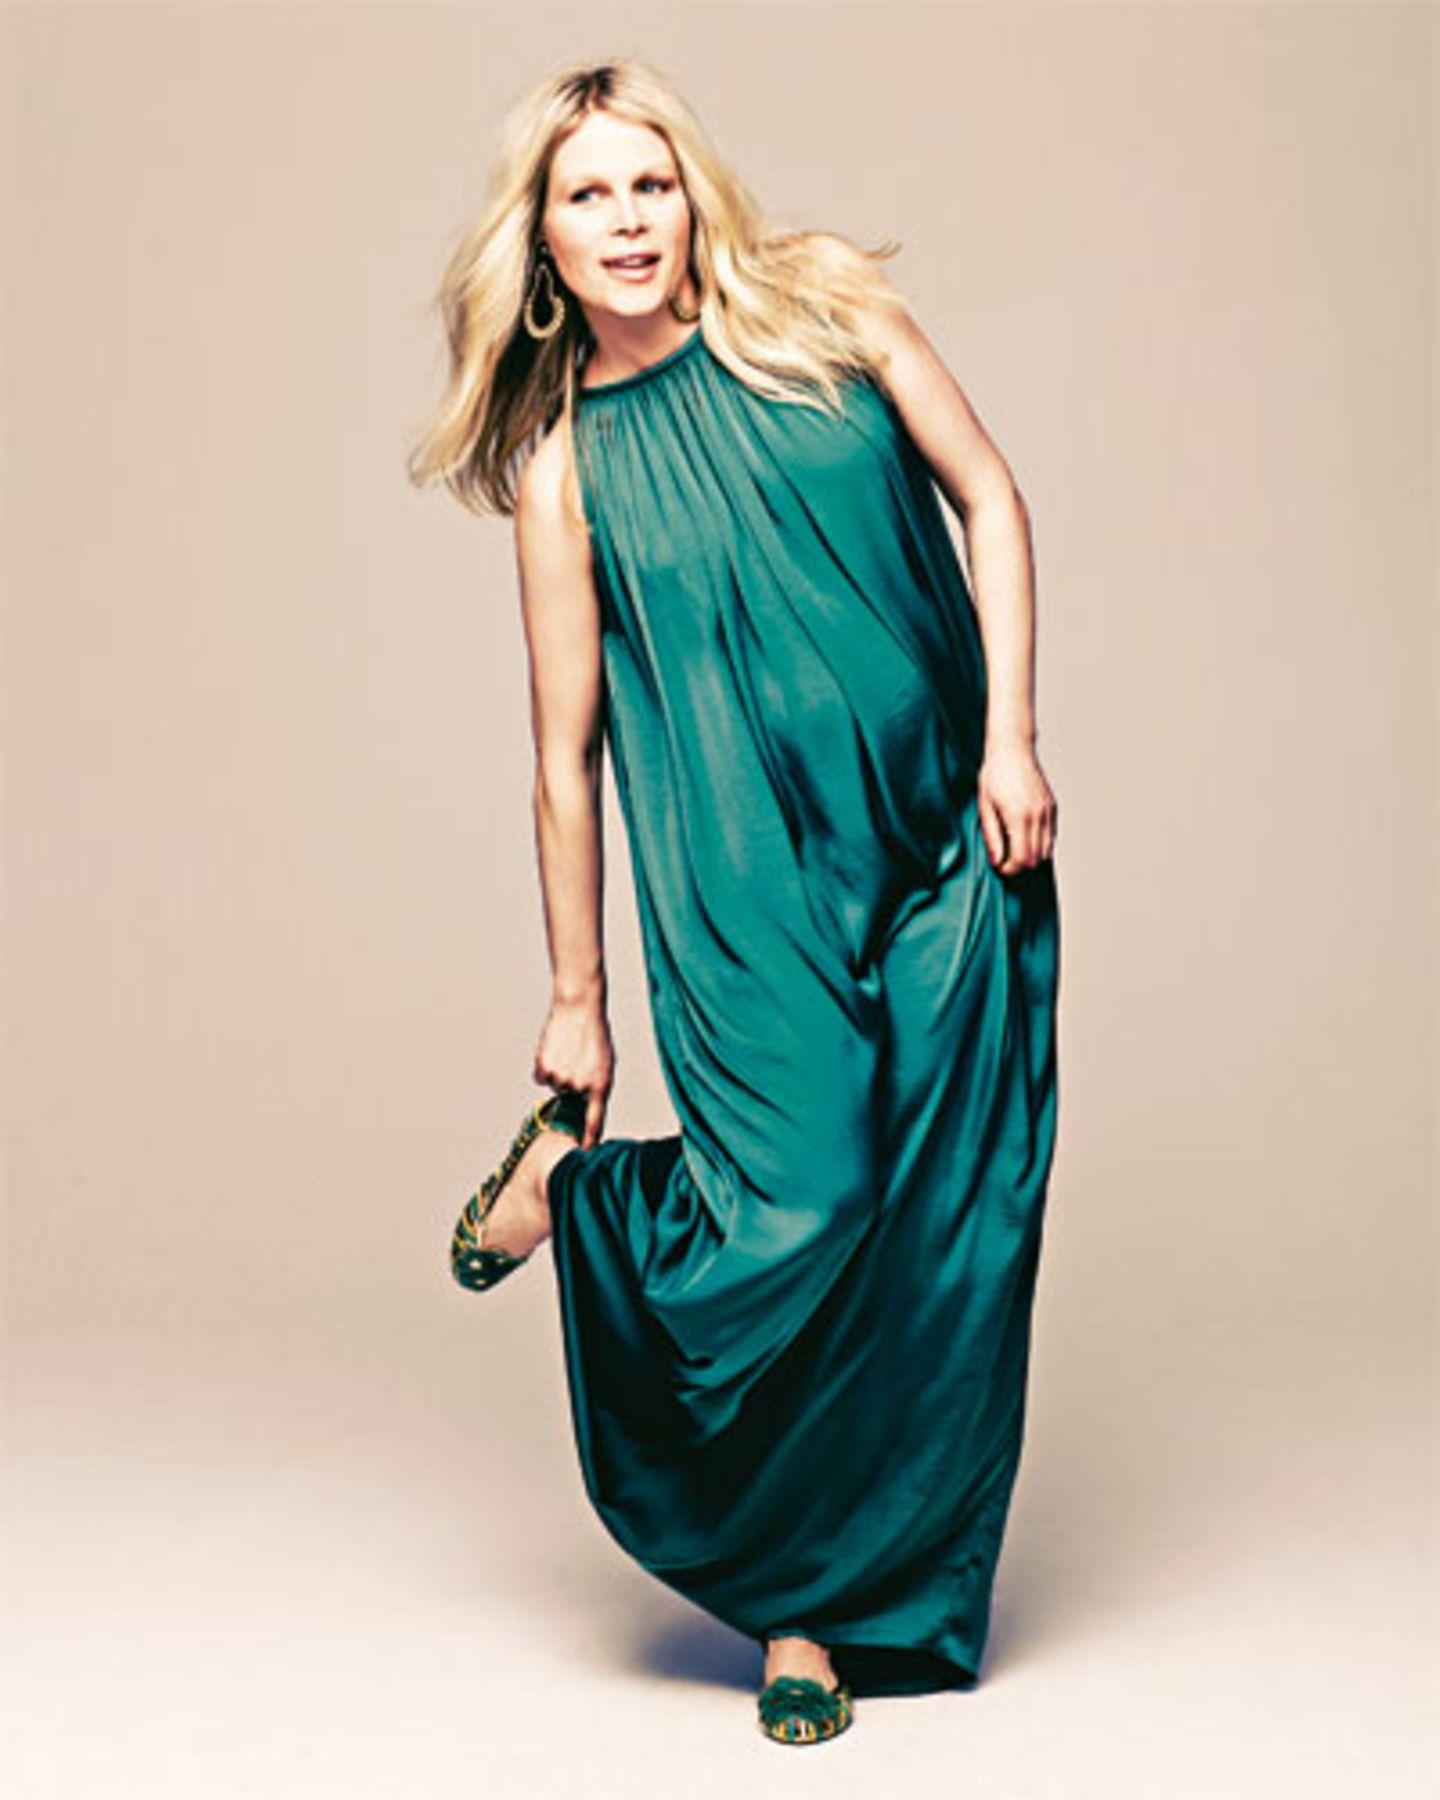 Perfekt für Sommerschwangerschaften: ein weites luftiges Kleid, das auch später ohne Bauch toll aussieht. Kleid: Hoss, ca. 110 Euro. Schuhe: Coje. Ohrringe: privat.